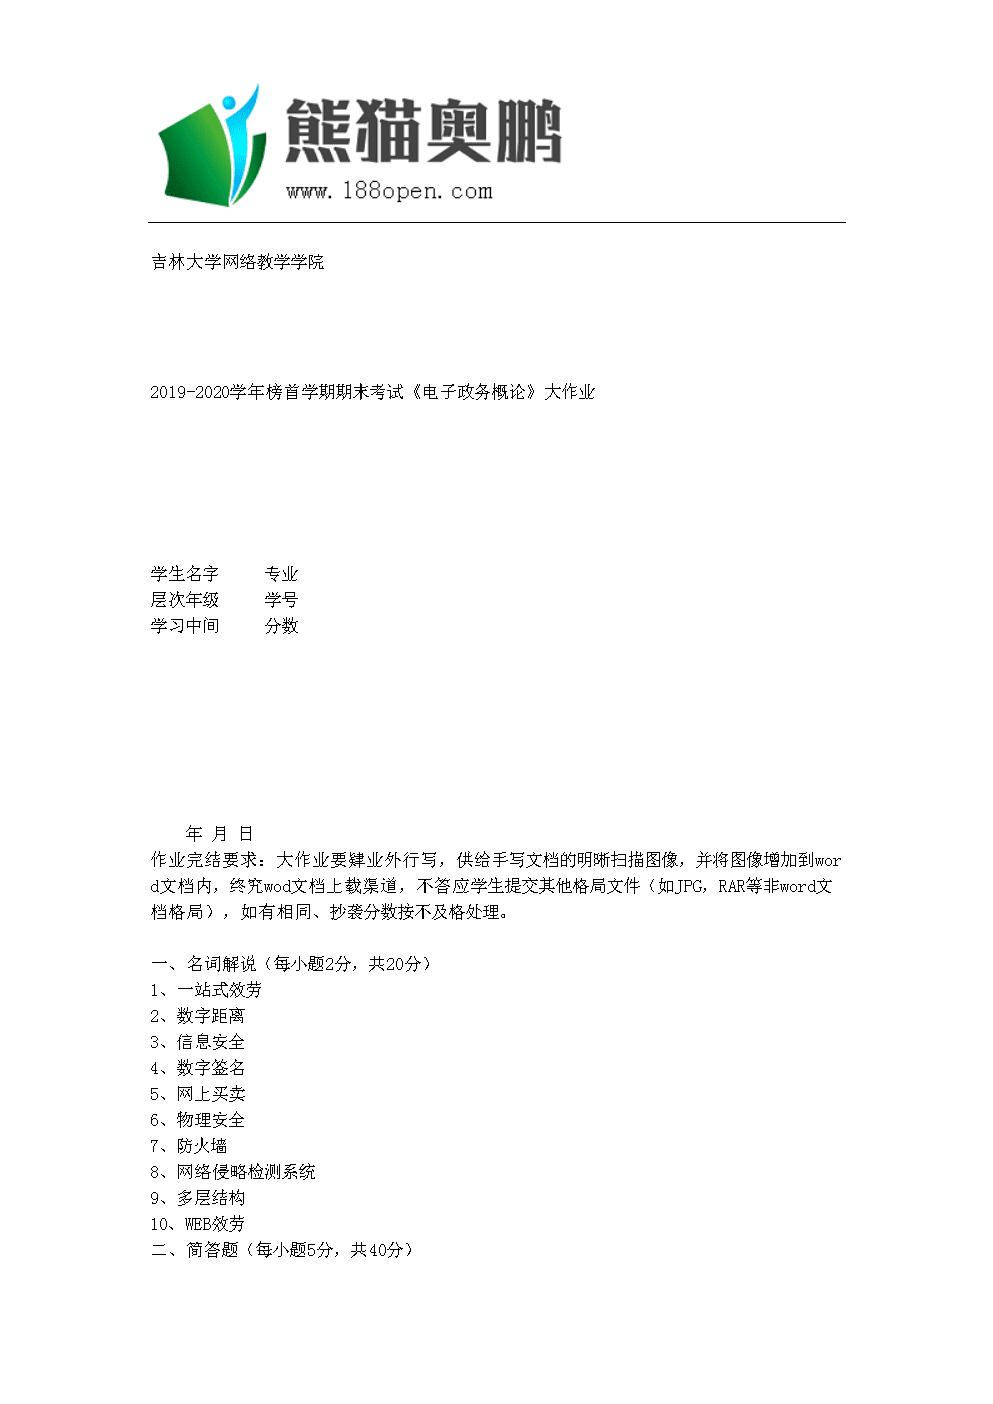 吉大20年4月课程考试《电子政务概论》离线作业考核试题.doc